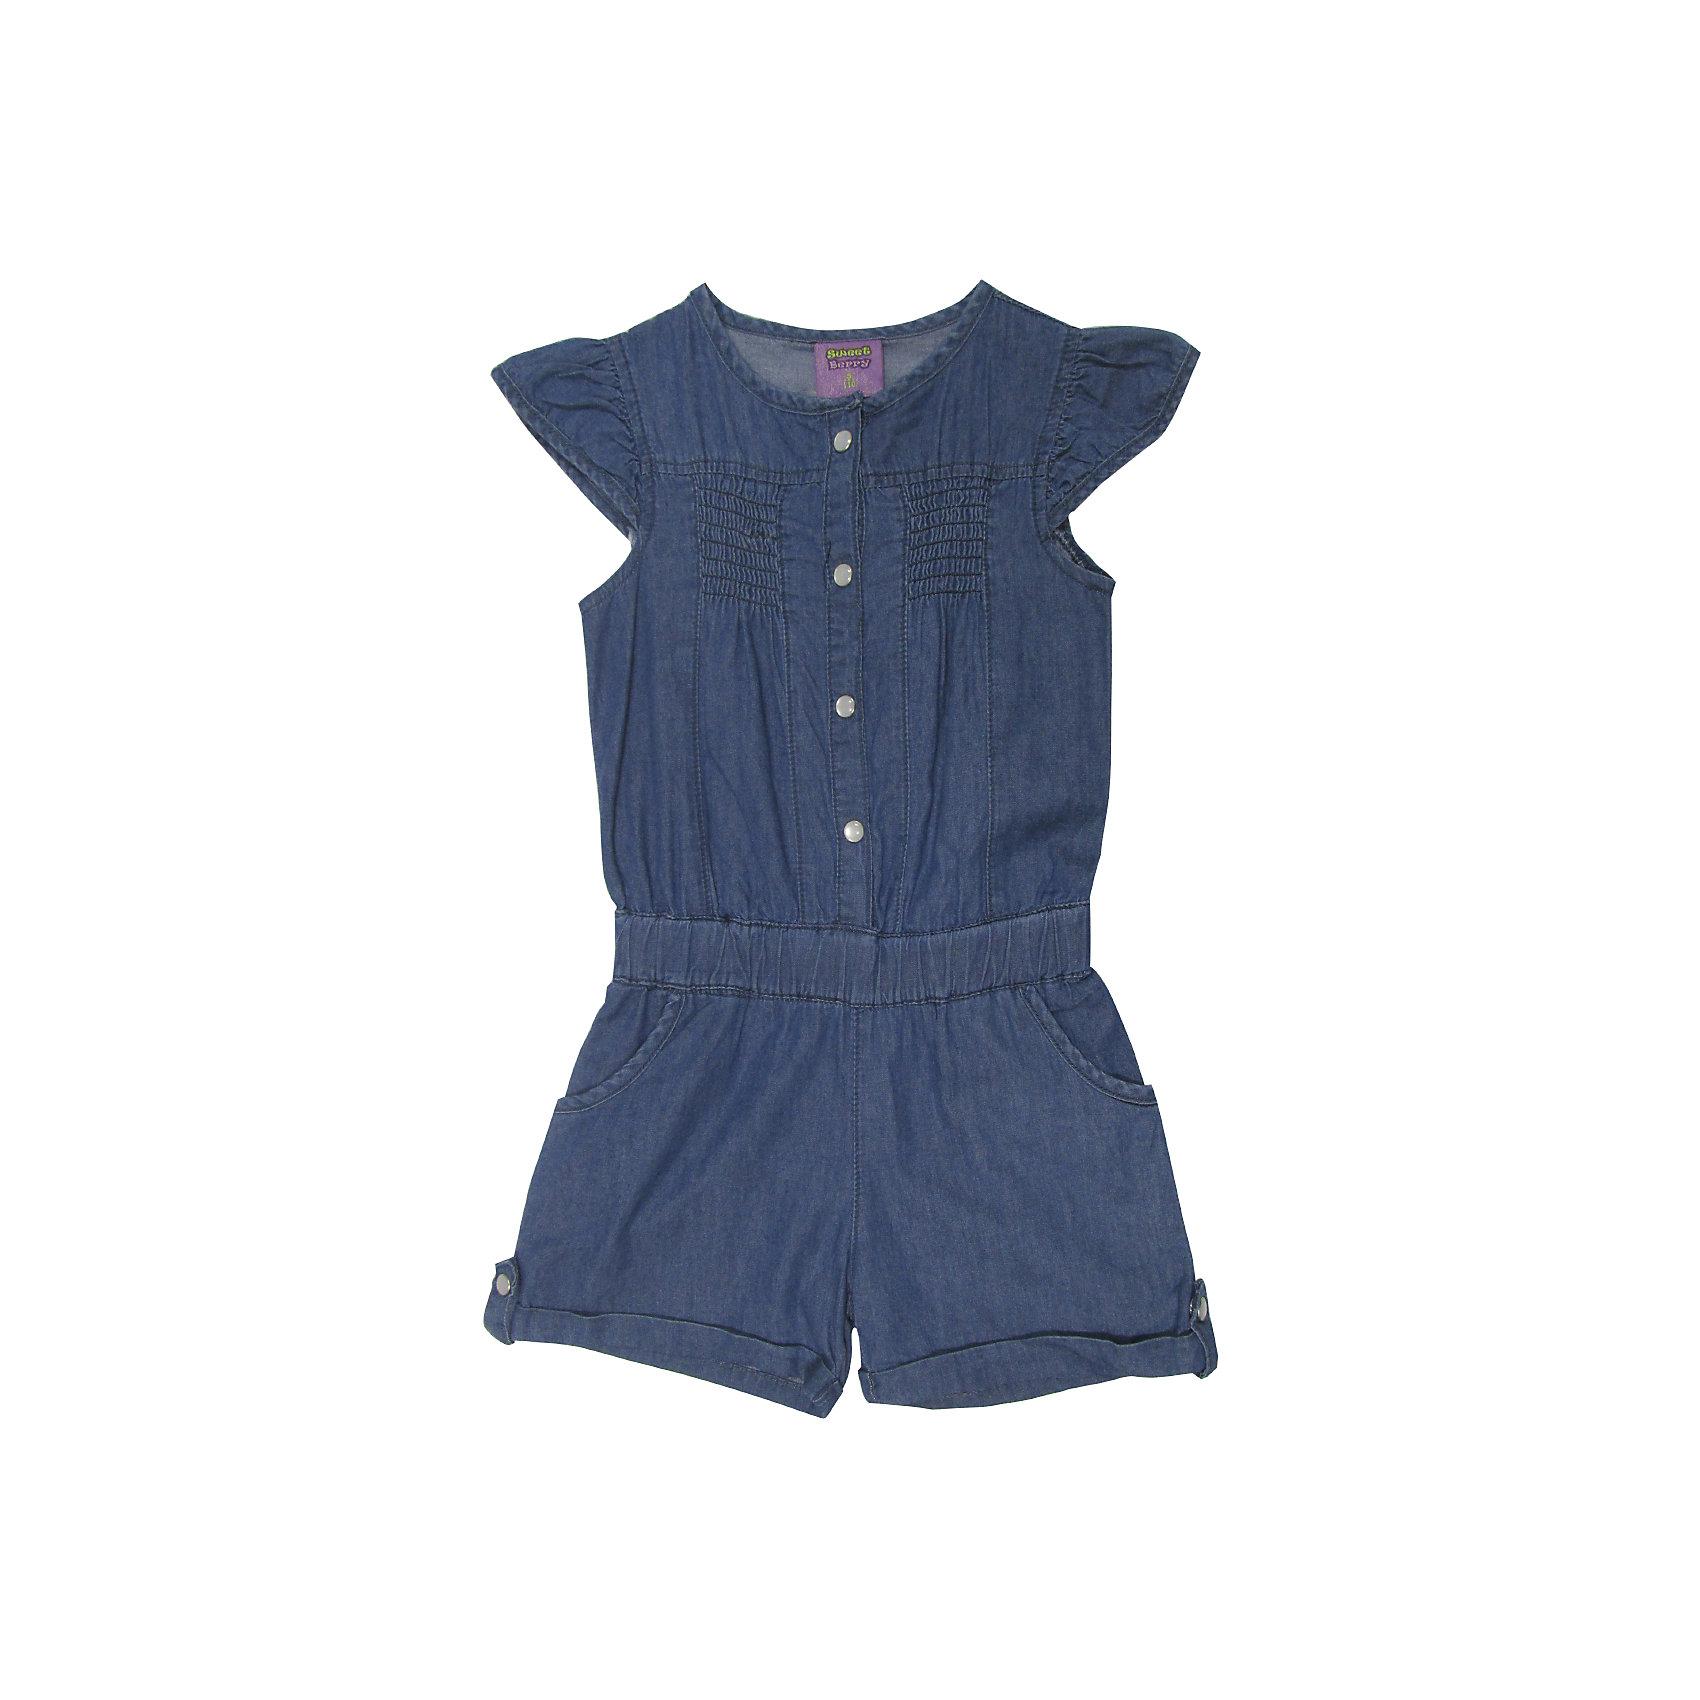 Комбинезон для девочки Sweet BerryКомбинезон из тонкой хлопковой ткани под джинсу для девочки. Рукава крылышки. Талия собрана на мягкую резинку Застежка на кнопках.<br>Состав:<br>100%хлопок<br><br>Ширина мм: 215<br>Глубина мм: 88<br>Высота мм: 191<br>Вес г: 336<br>Цвет: синий<br>Возраст от месяцев: 48<br>Возраст до месяцев: 60<br>Пол: Женский<br>Возраст: Детский<br>Размер: 110,122,128,104,116,98<br>SKU: 5409866